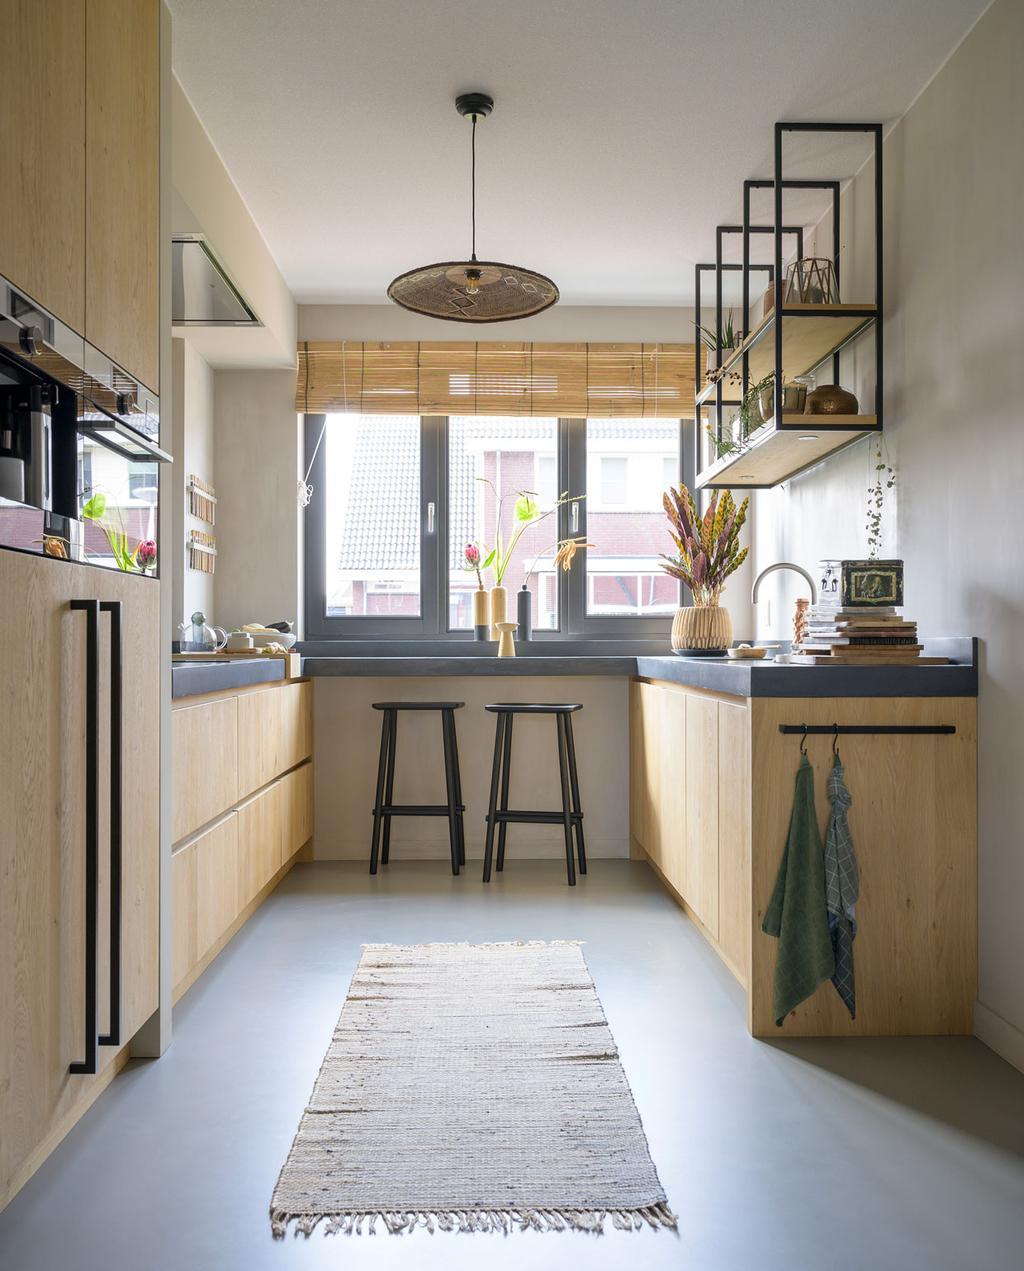 vtwonen 08-2021 | keuken stefanie en tommie